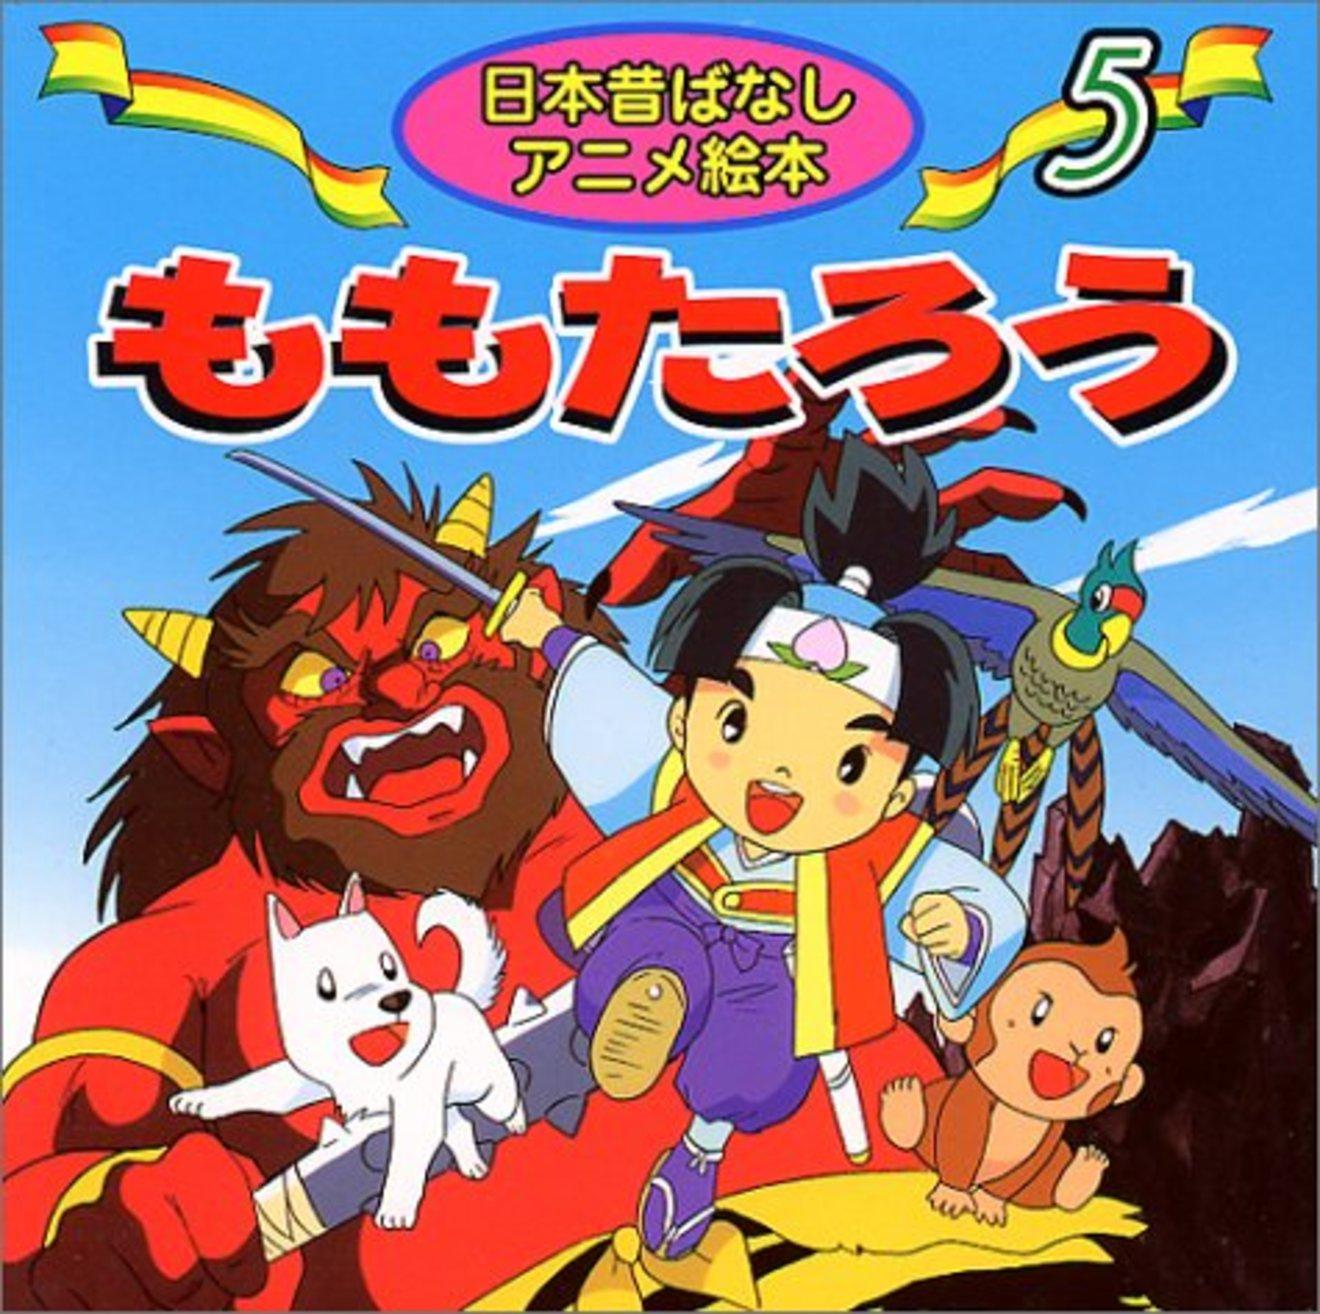 童話『桃太郎』12の事実!桃から産まれてない?実は怖い!?知られざる内容